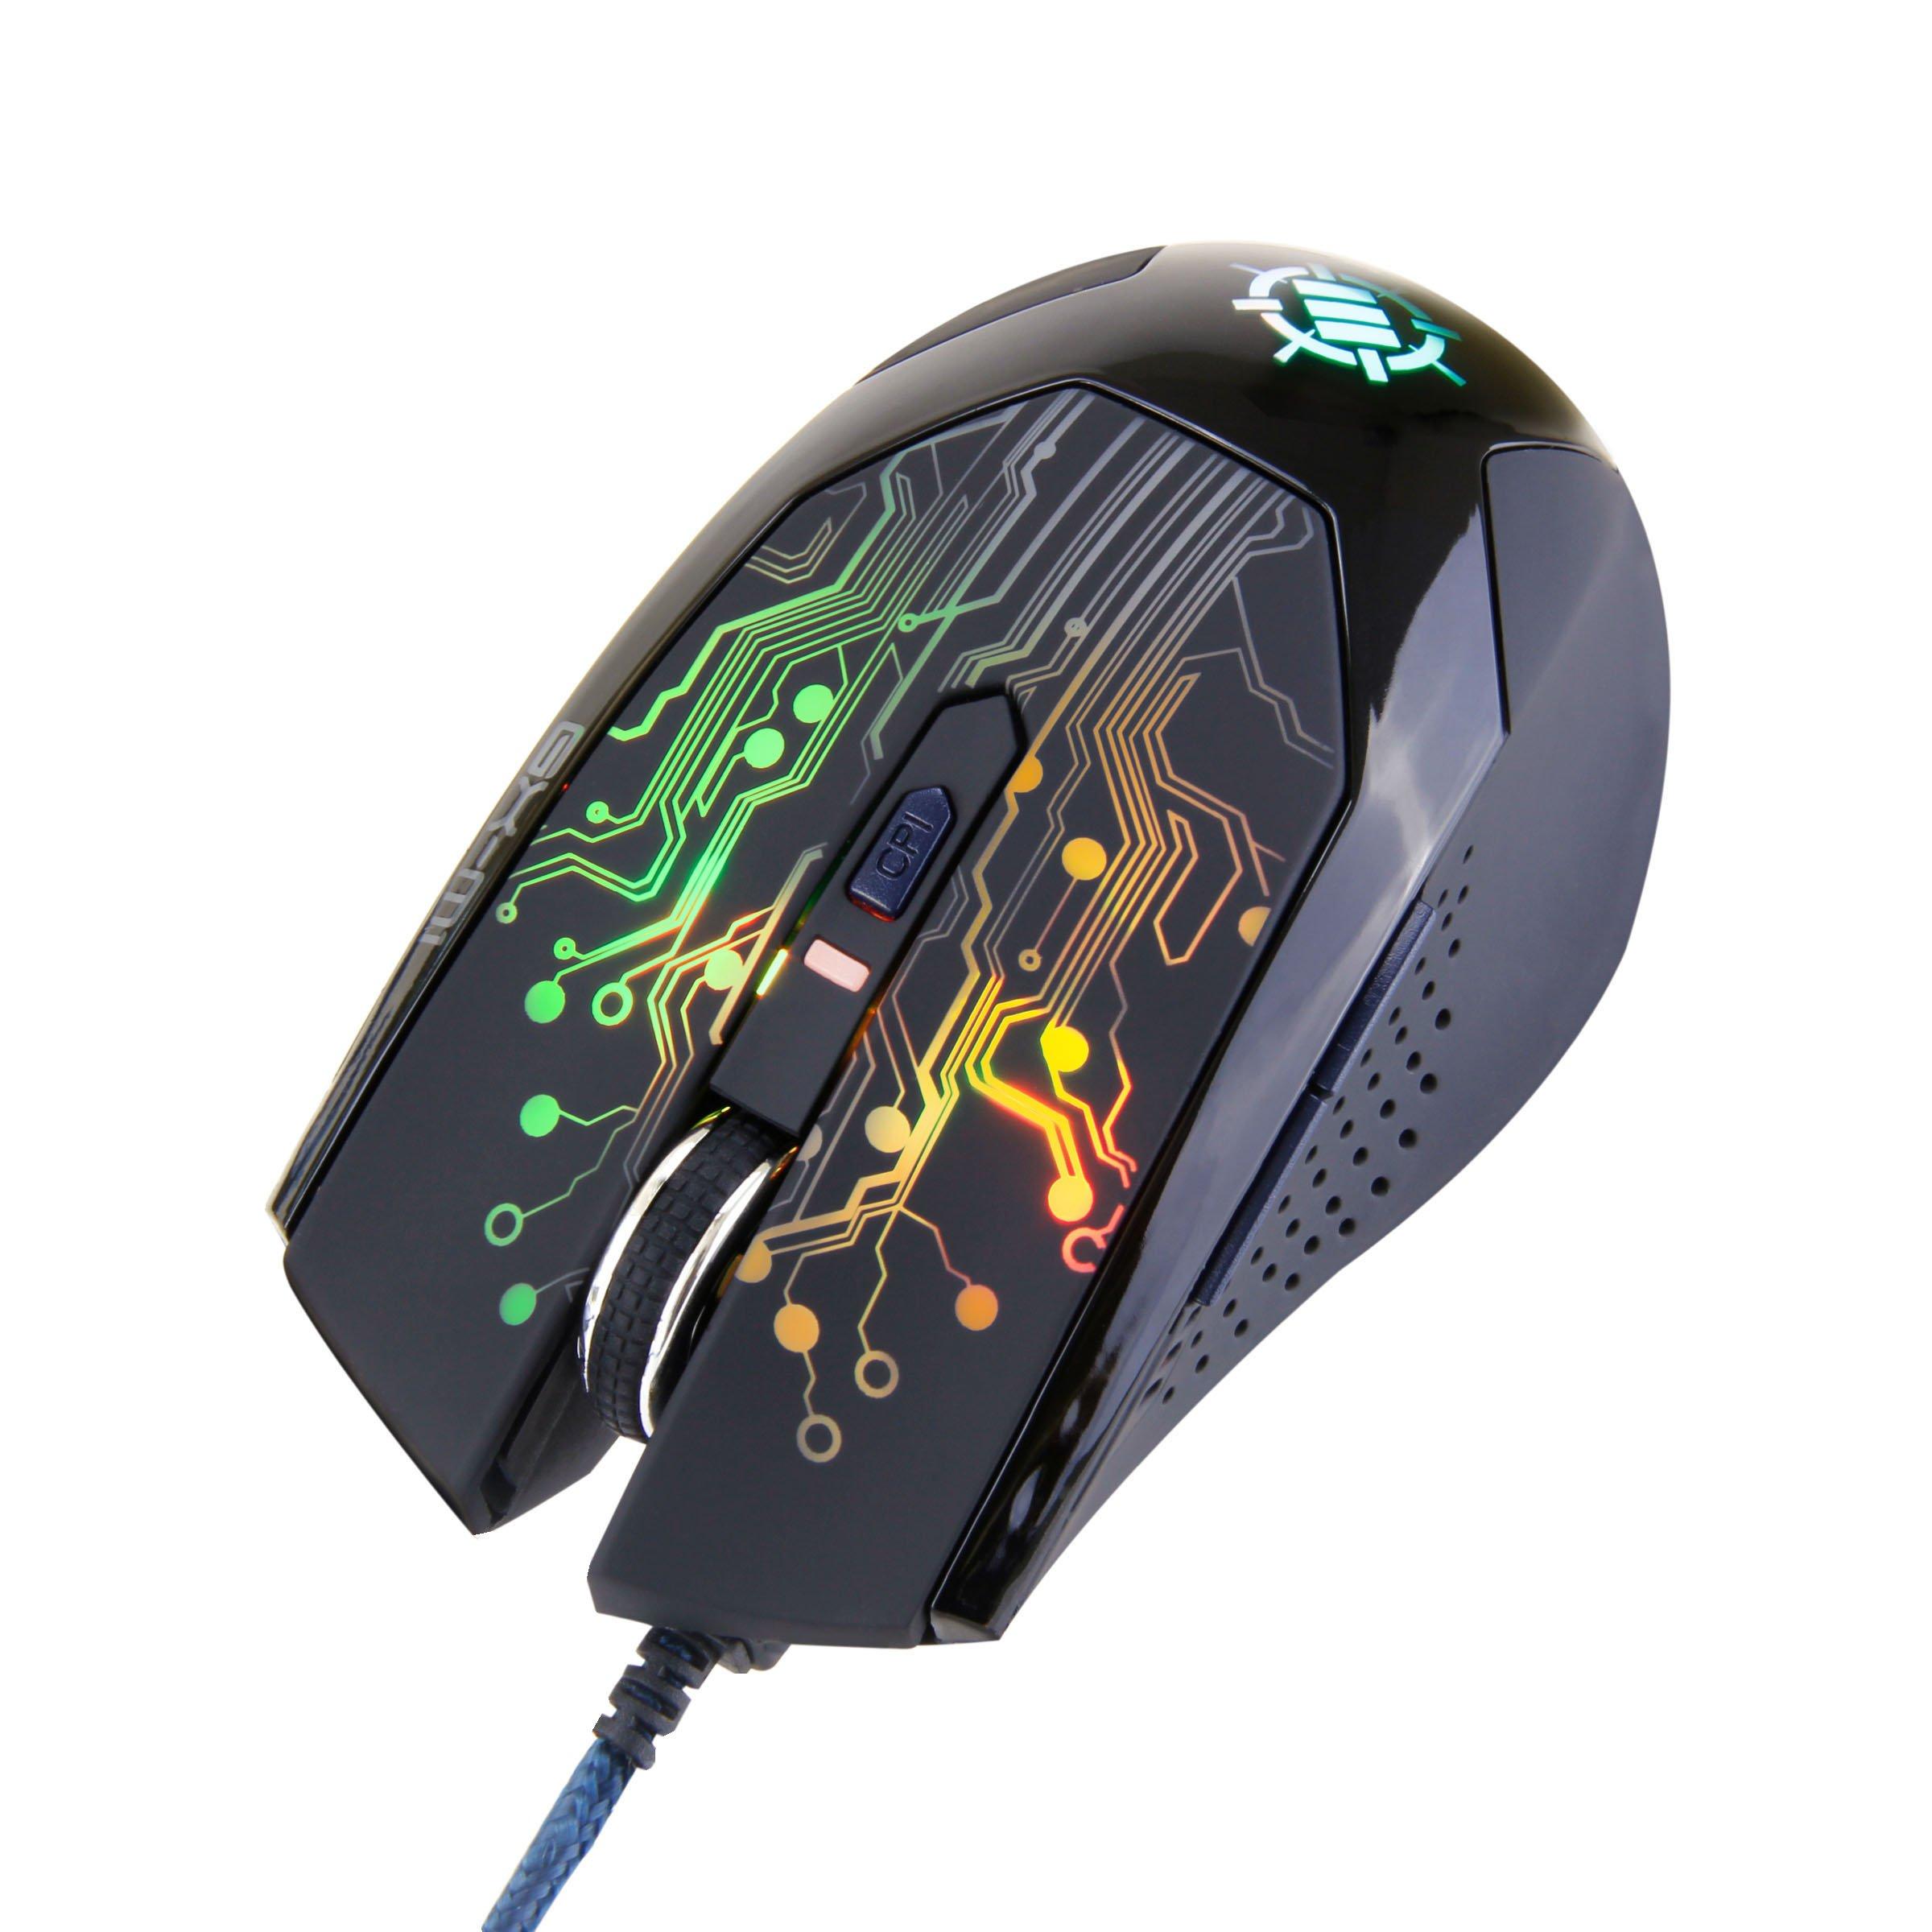 Mouse Gamer : Enhance GX-M1 con 3500 DPI Sensor Optico & Col